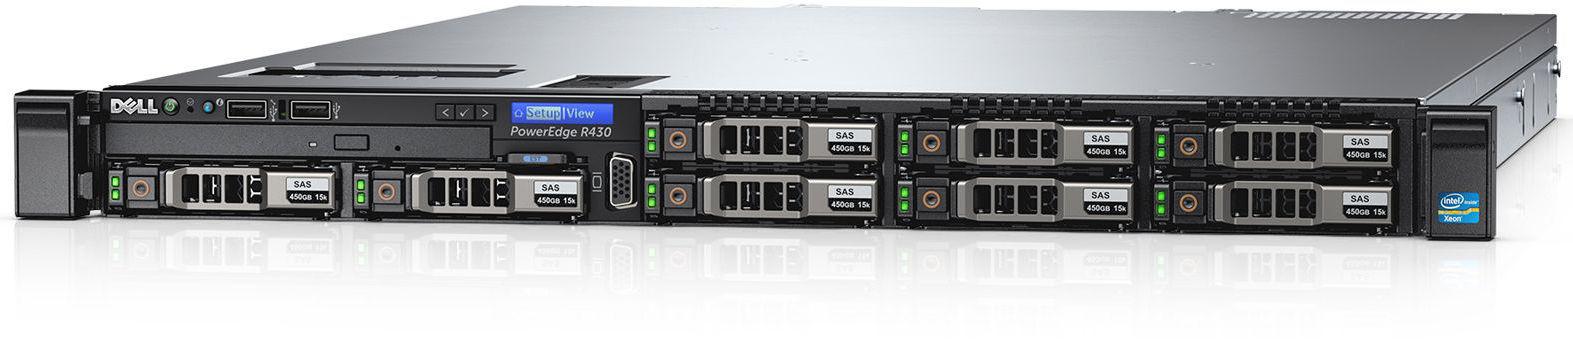 Server Dell PowerEdge R430 Intel Xeon E5-2609 v4 8GB RAM 120GB SSD 550W Single HotPlug